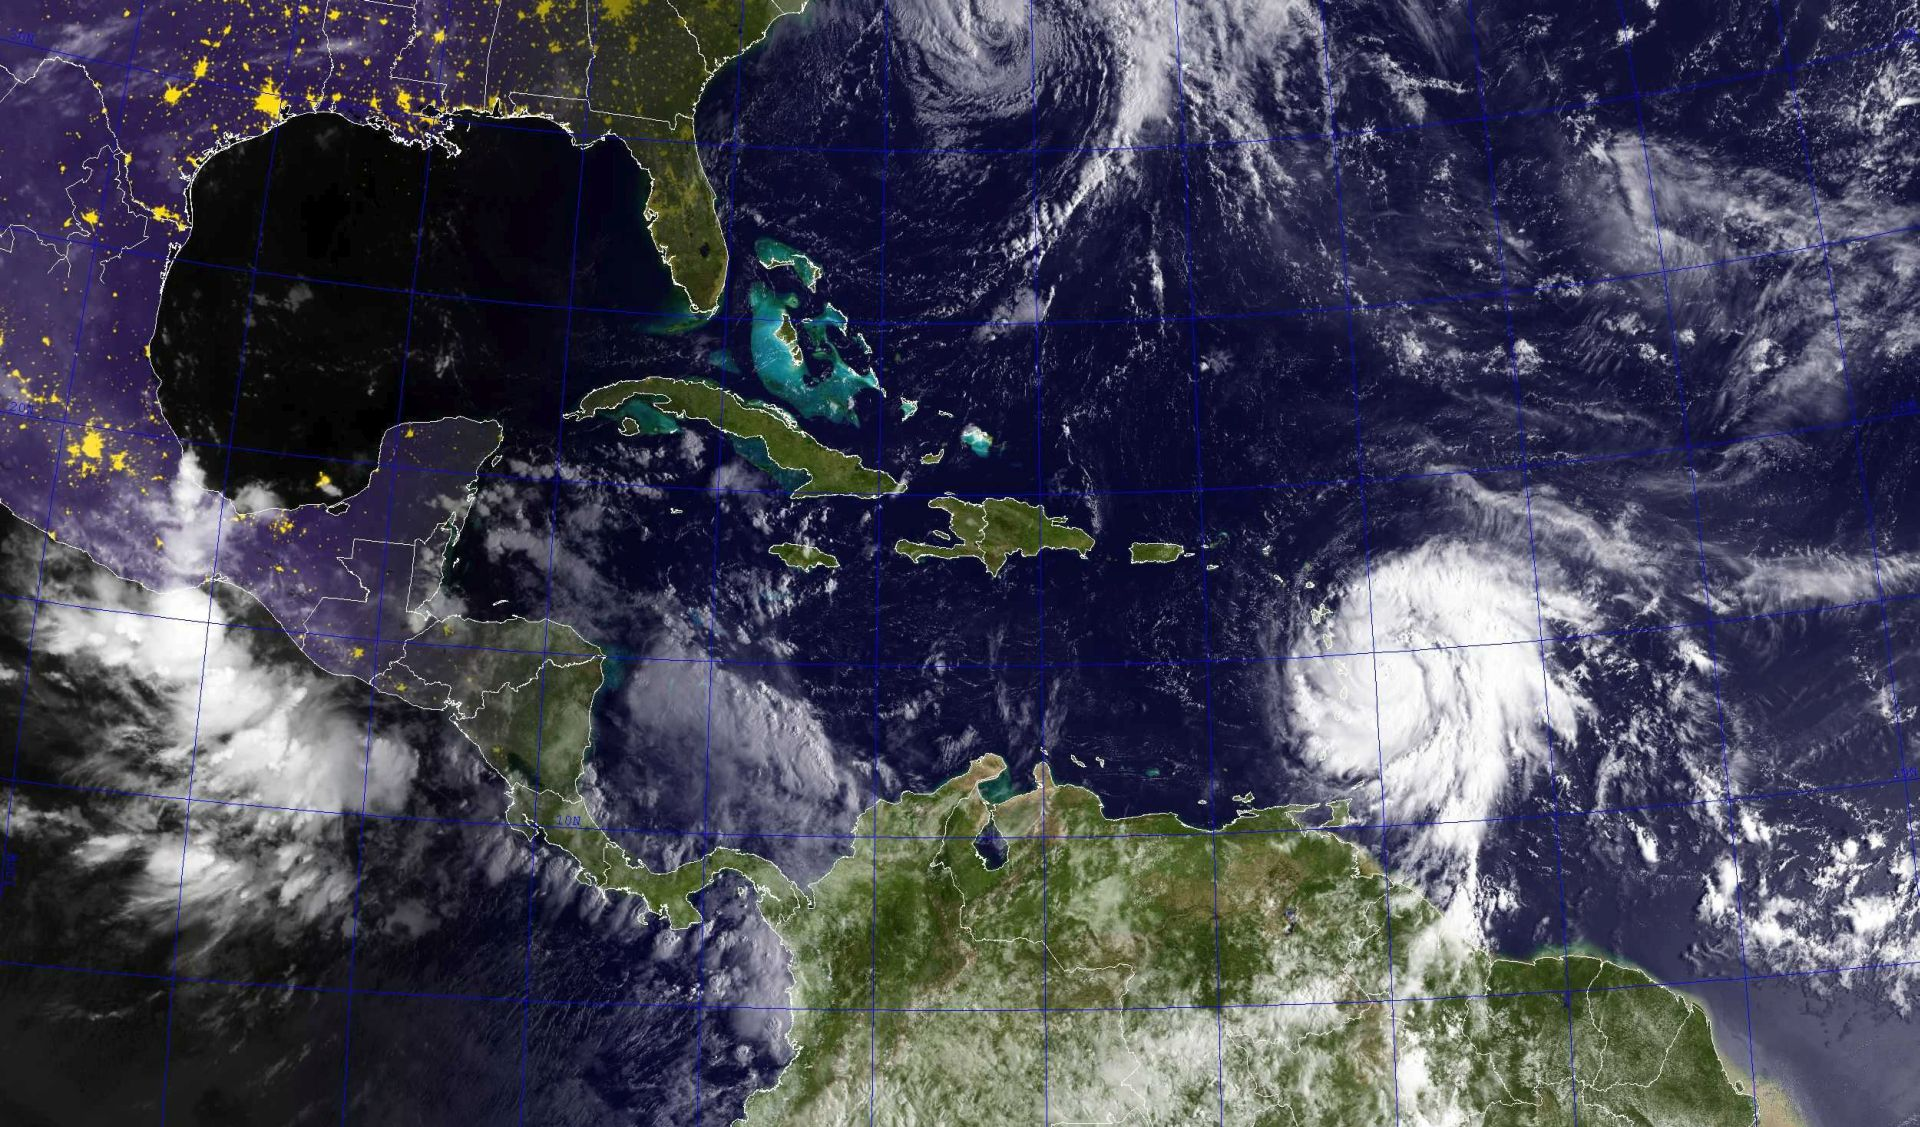 Uragan Maria razorio Portoriko, strahuje se od poplava